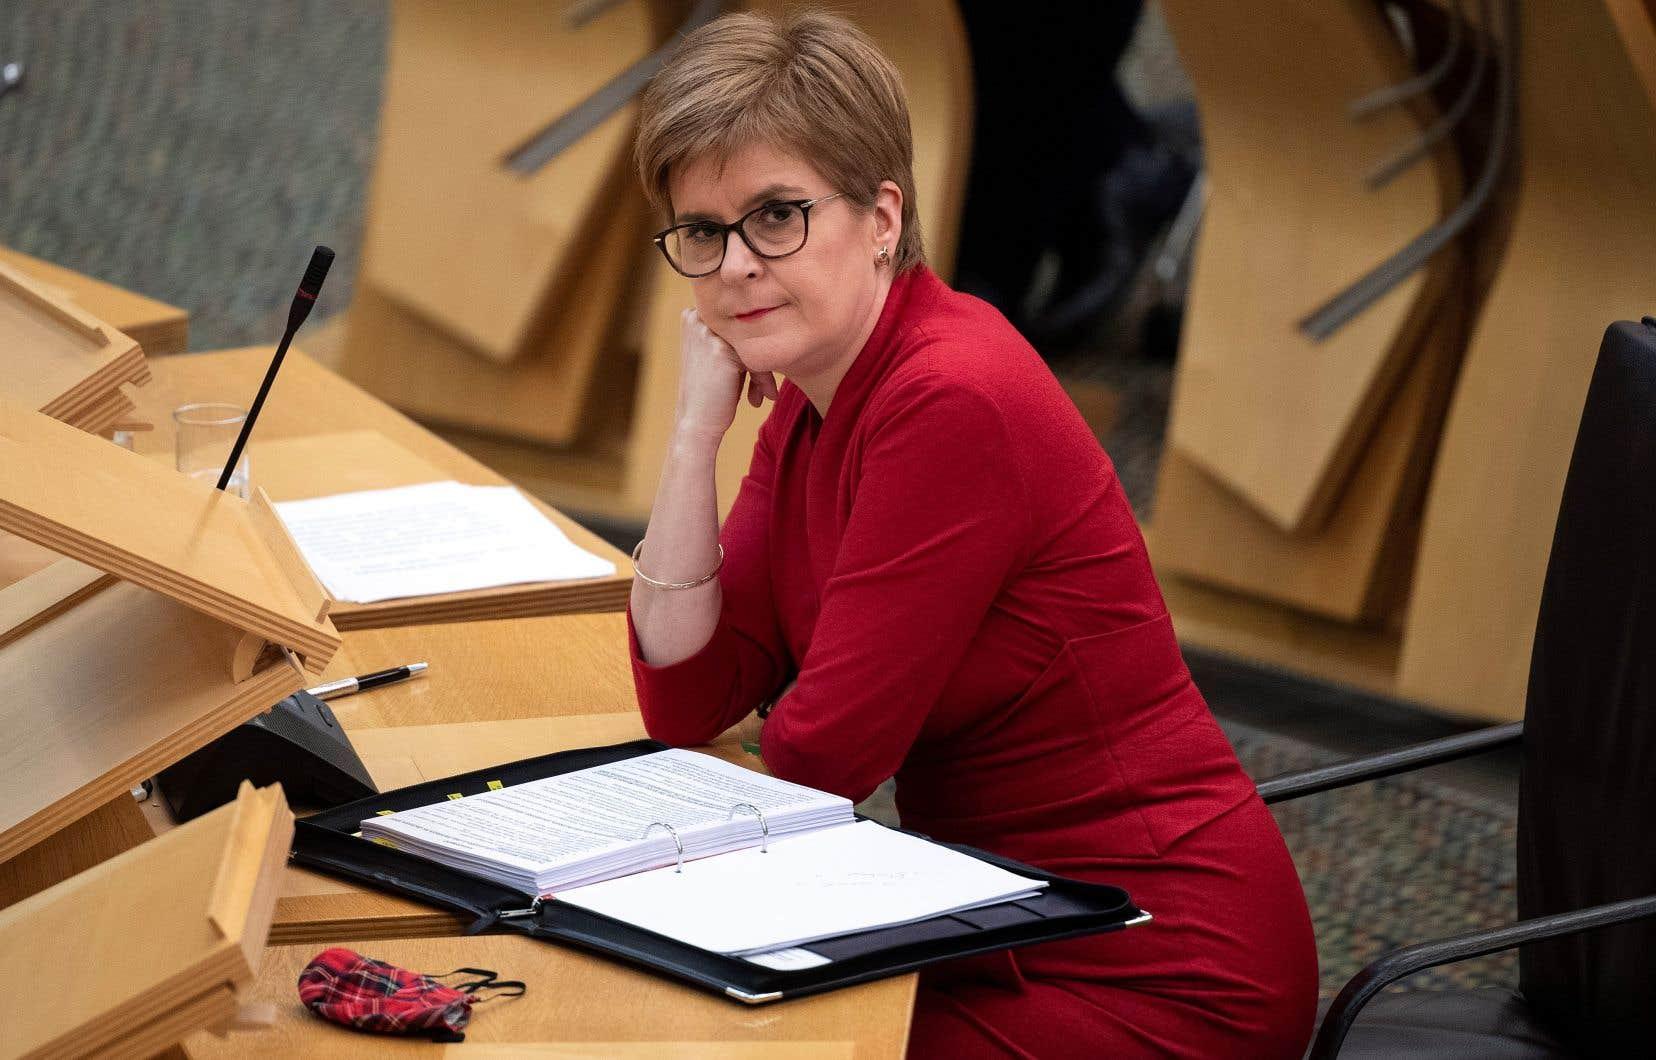 Les demandes pour une Écosse indépendante, cheval de bataille de Nicola Sturgeon, reviennent en force après la gestion très critiquée de l'épidémie de coronavirus par Londres.